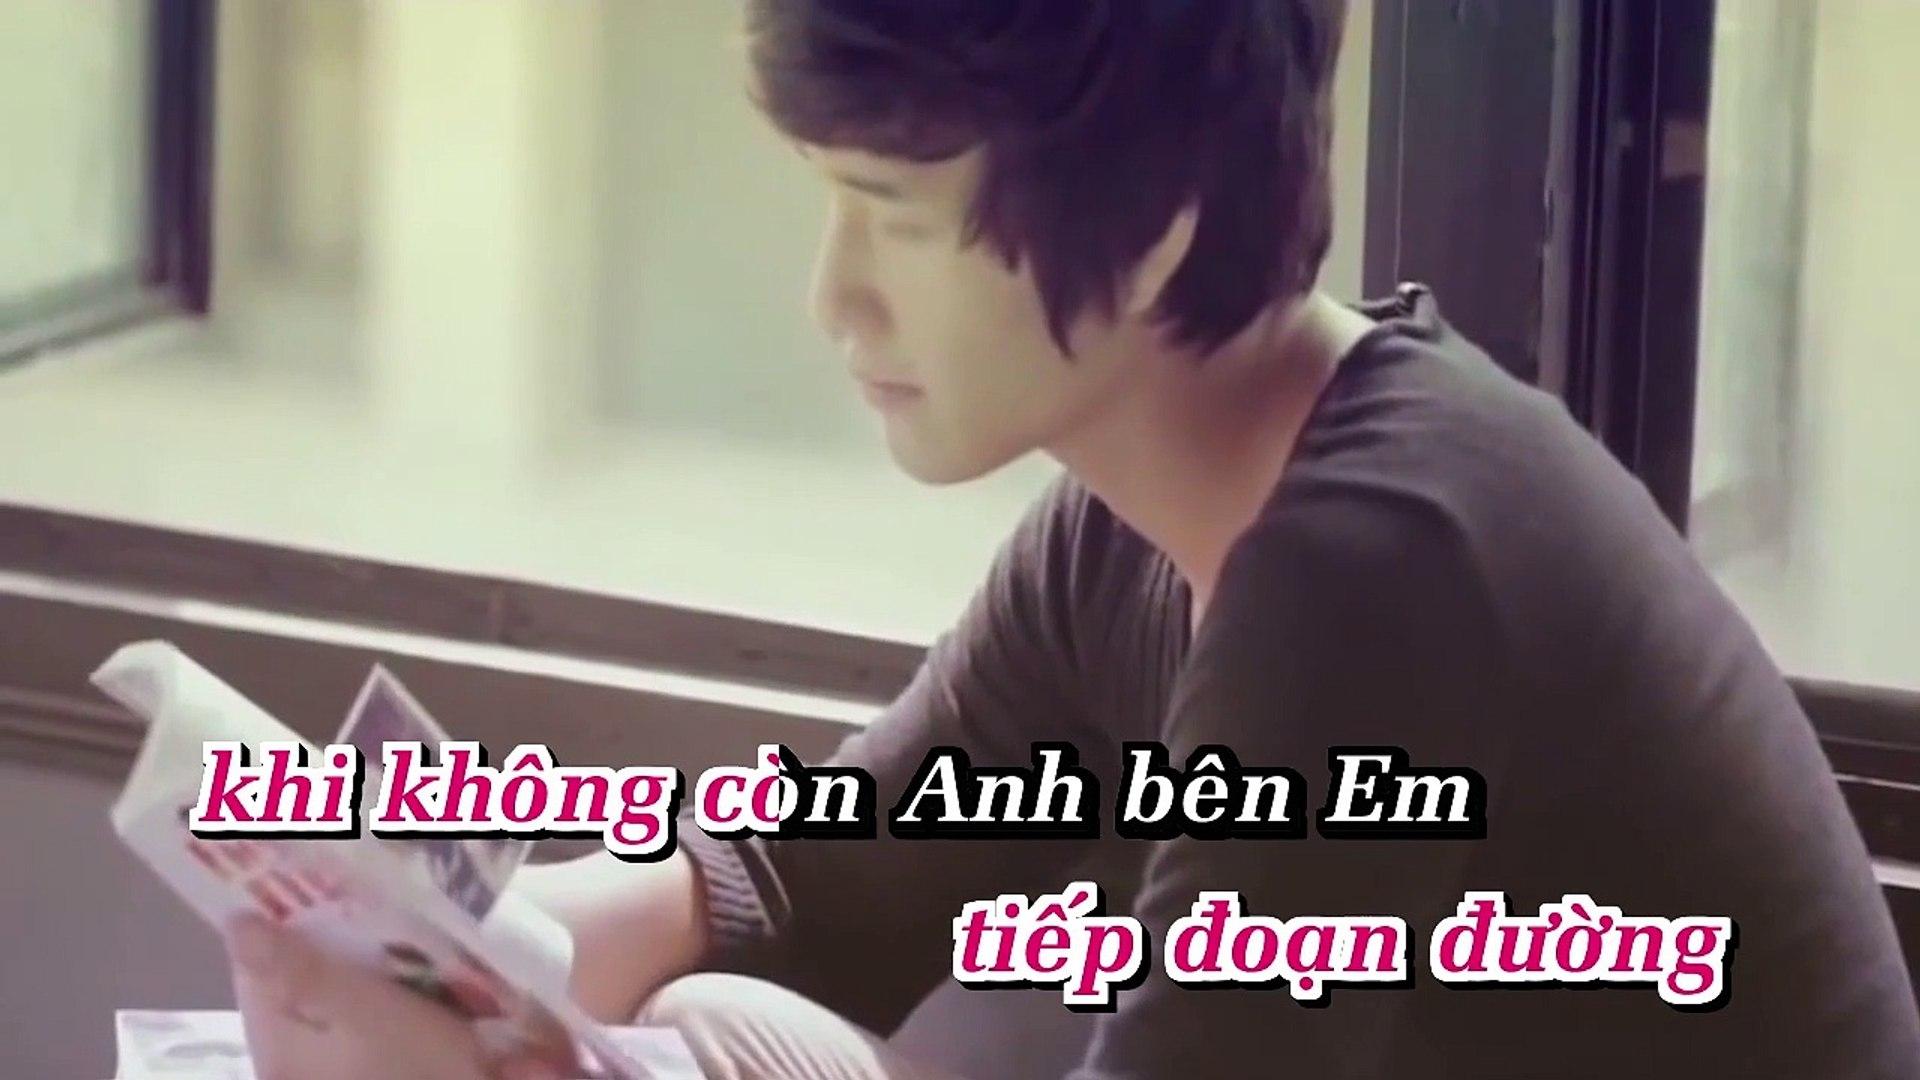 [Karaoke] Yêu Anh Hơn Chính Em - Hương Tràm [Beat]